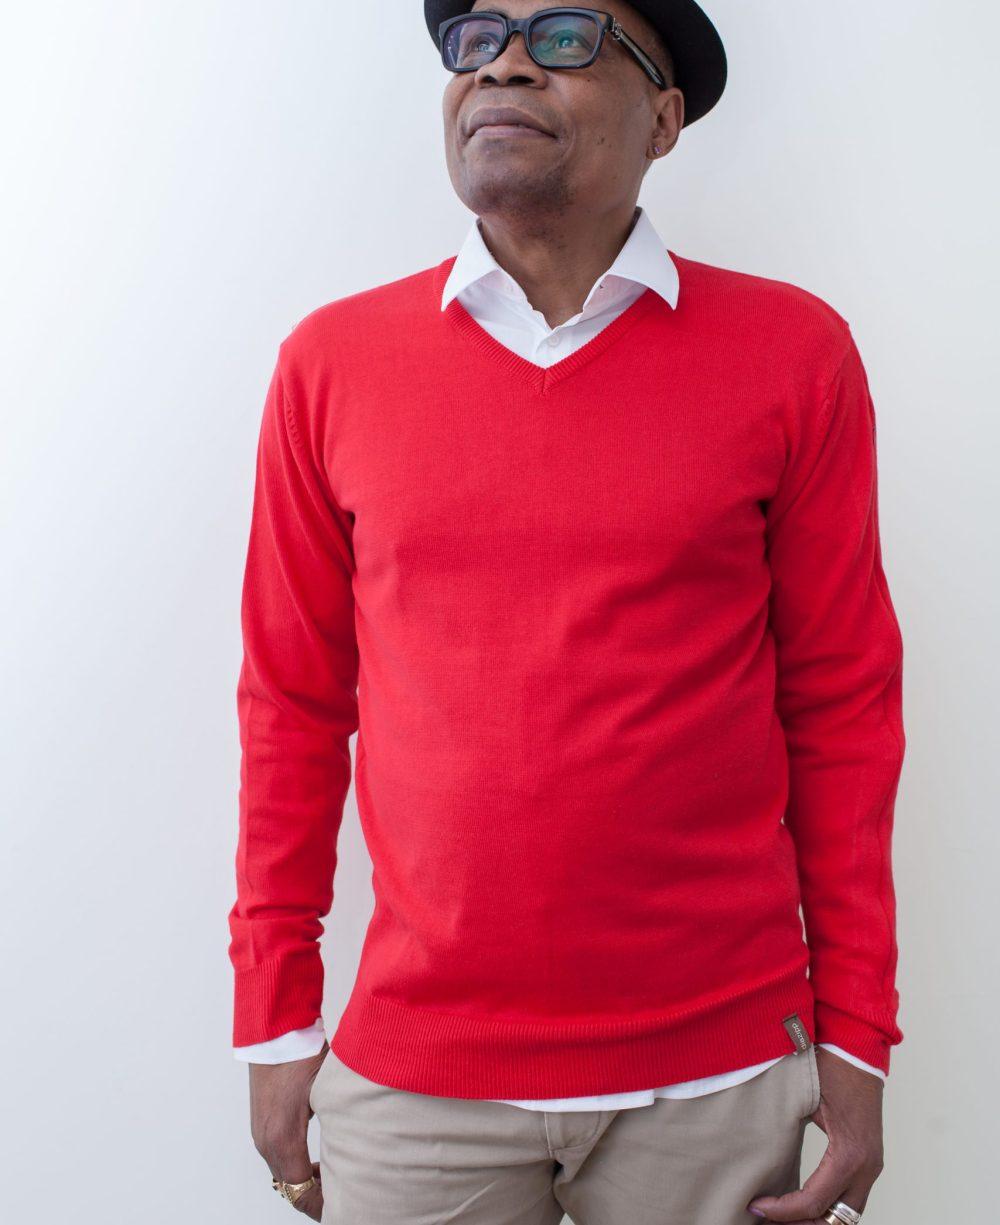 rot-weiss-Herren-pullover-für-dialysepatienten-mit-individuellem-reißverschluss-diazipp-dialysebekleidung-2